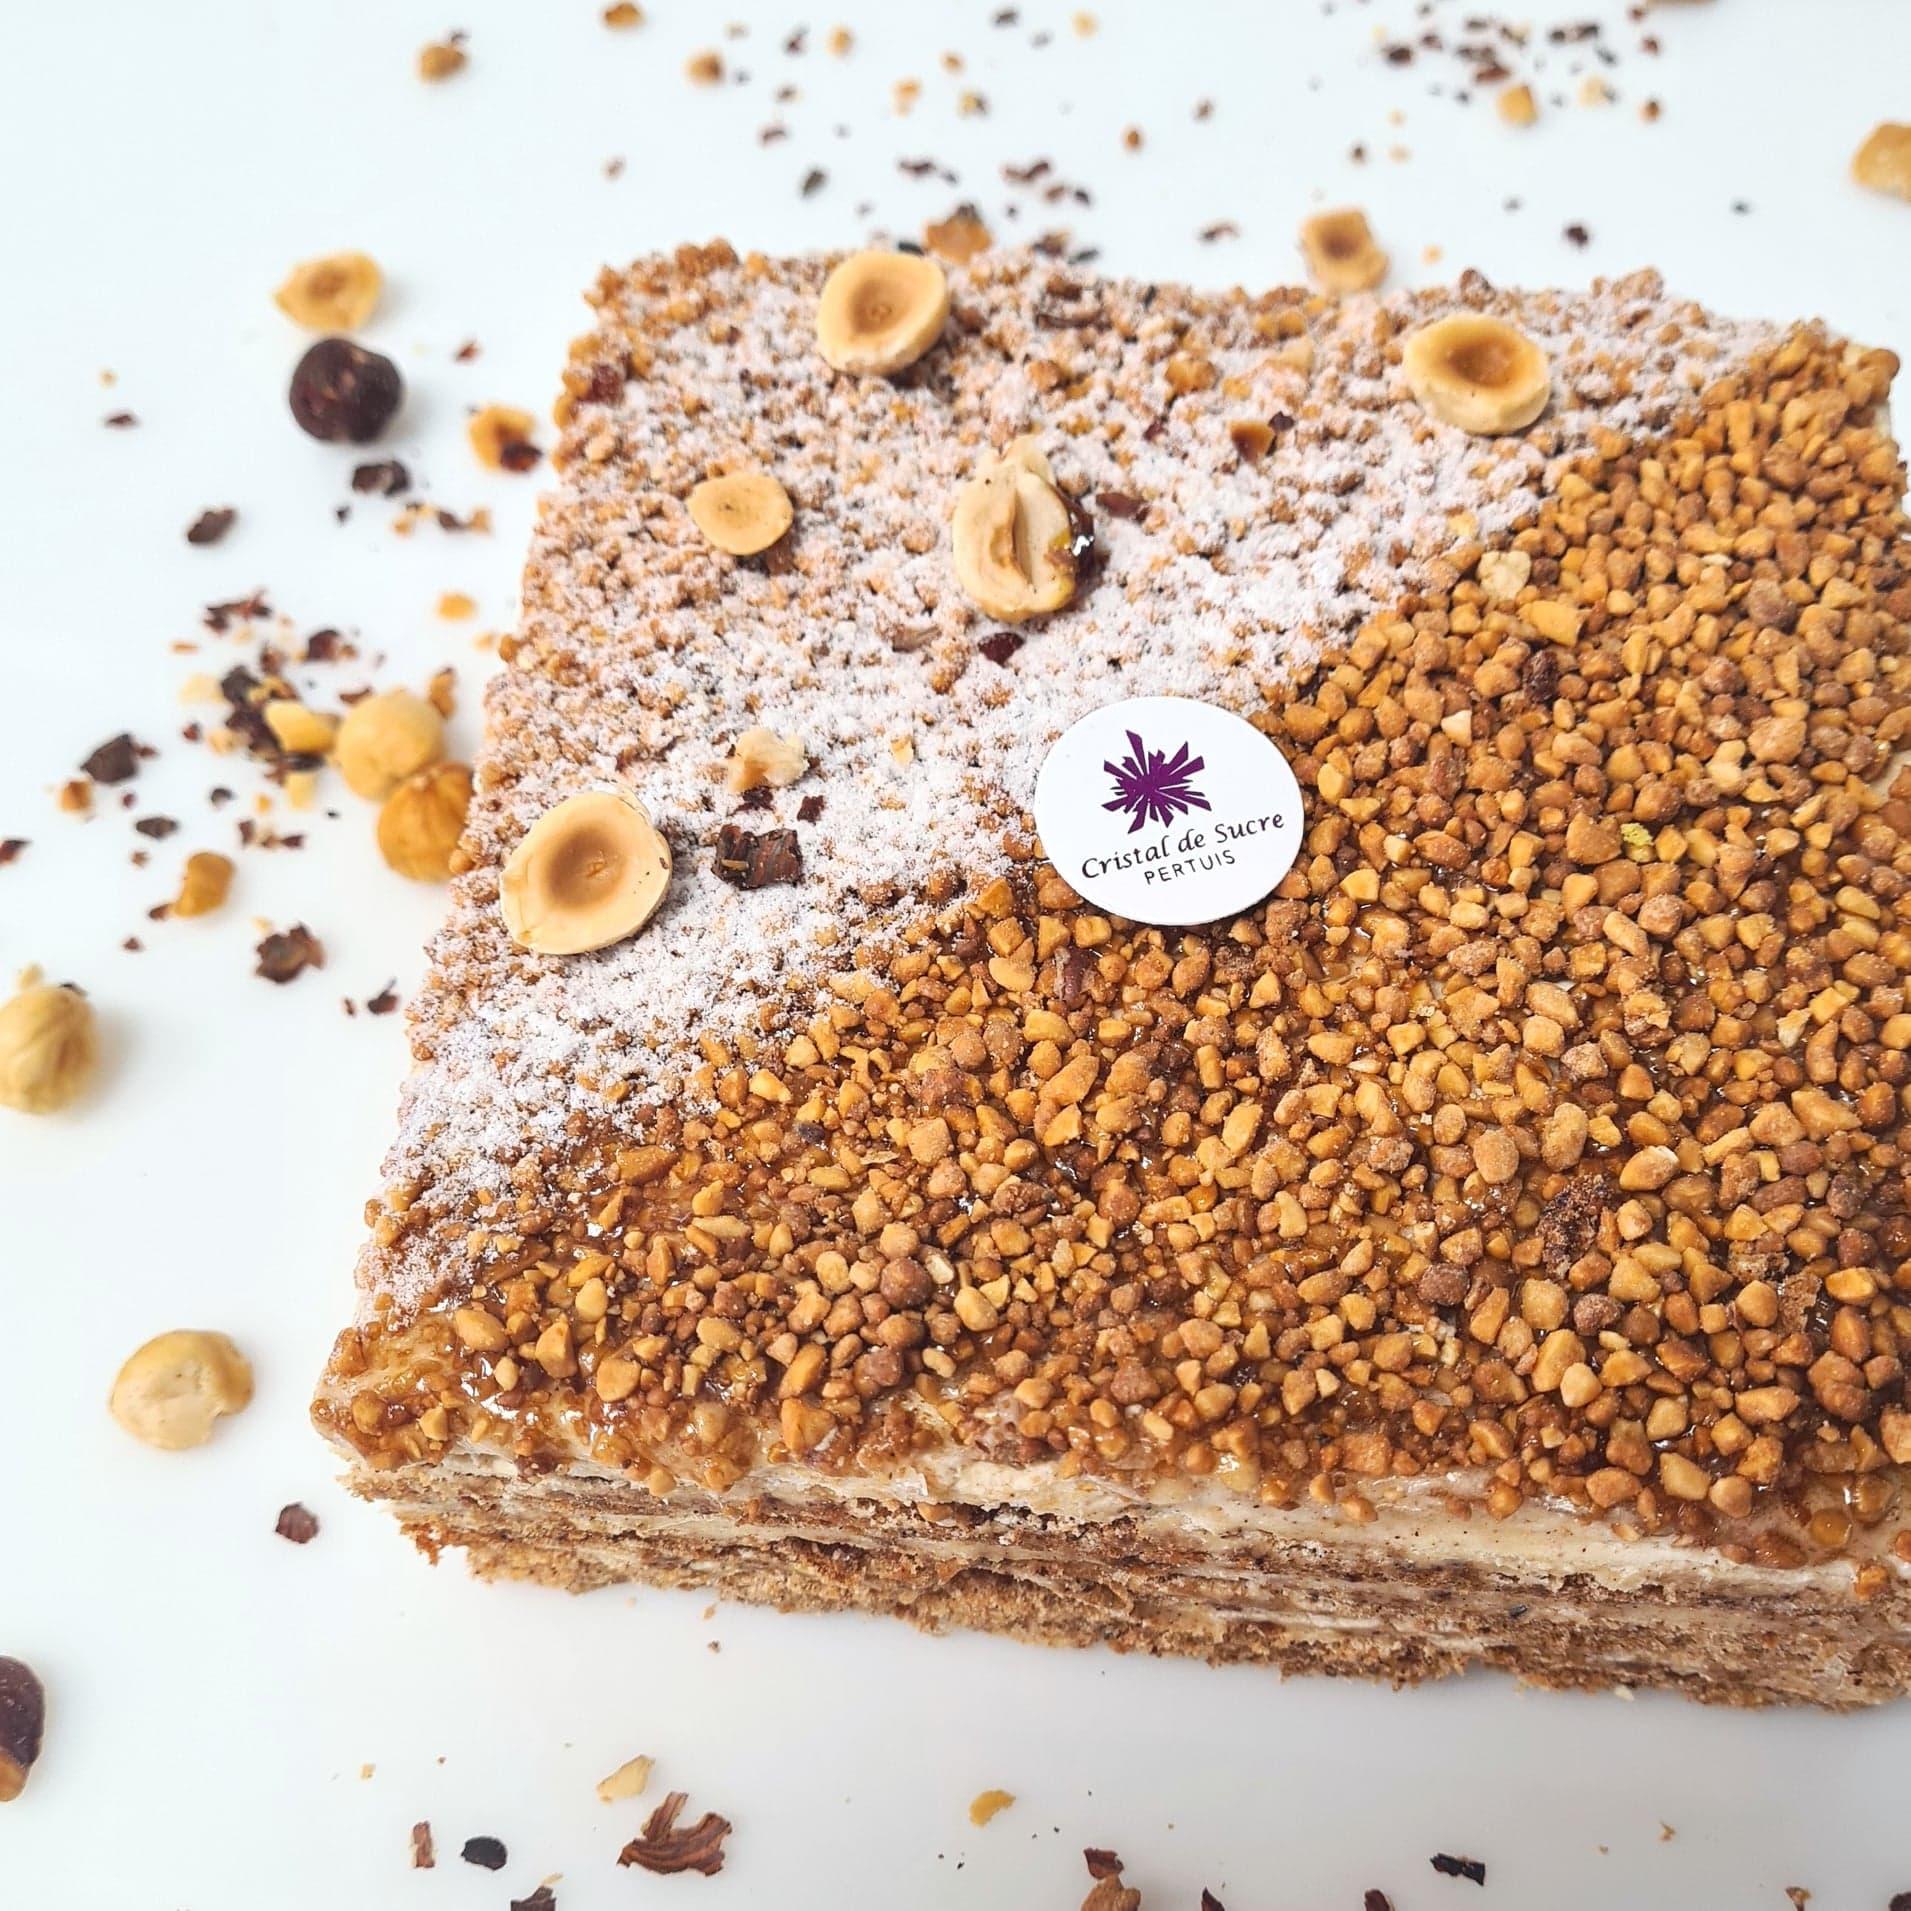 Biscuit meringué à la noisette, crème praliné aux noisettes du Piémont IGP, éclat de nougatine 4 pers. 22 € 6 pers. 33 € 8 pers. 44 € 10 pers. ou plus, nous contacter